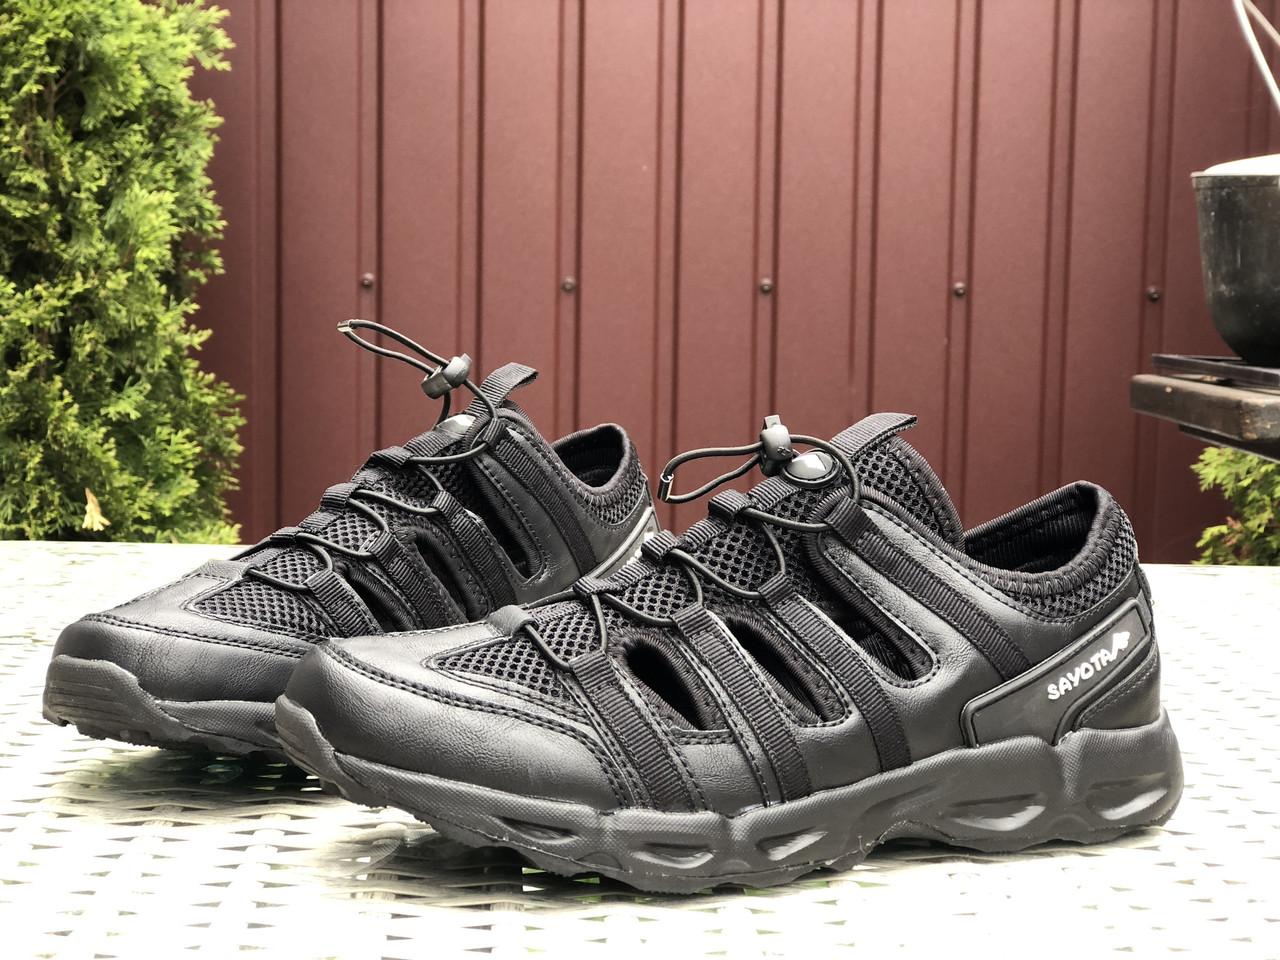 Чоловічі сандалі Sayota (чорні) B10530 крута м'яка якісна літні взуття